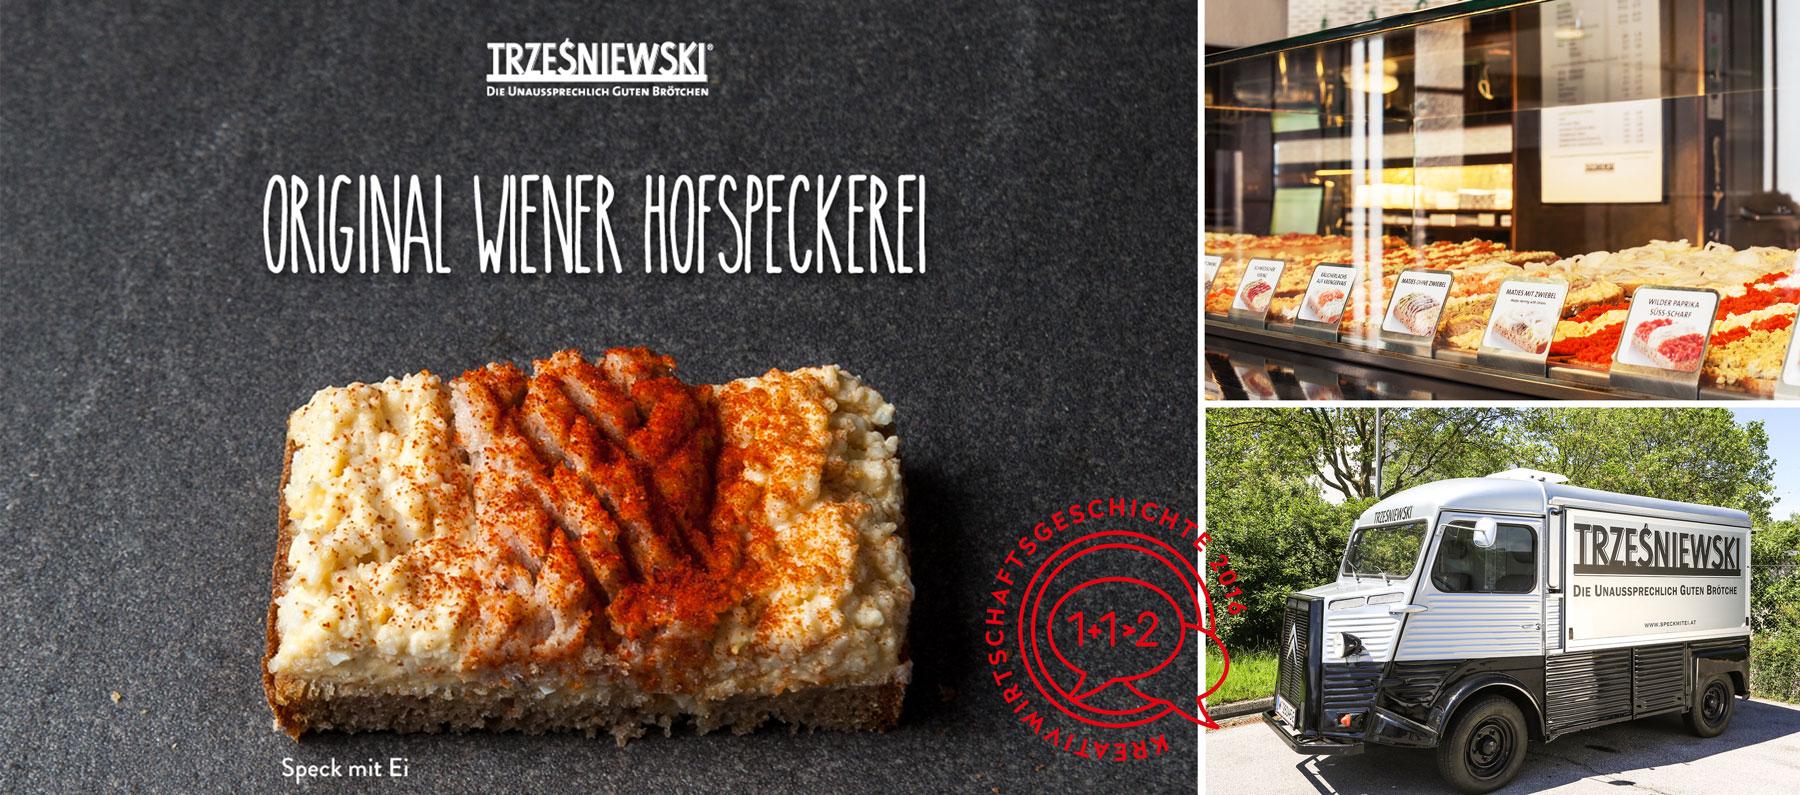 Trezsniewski_HP